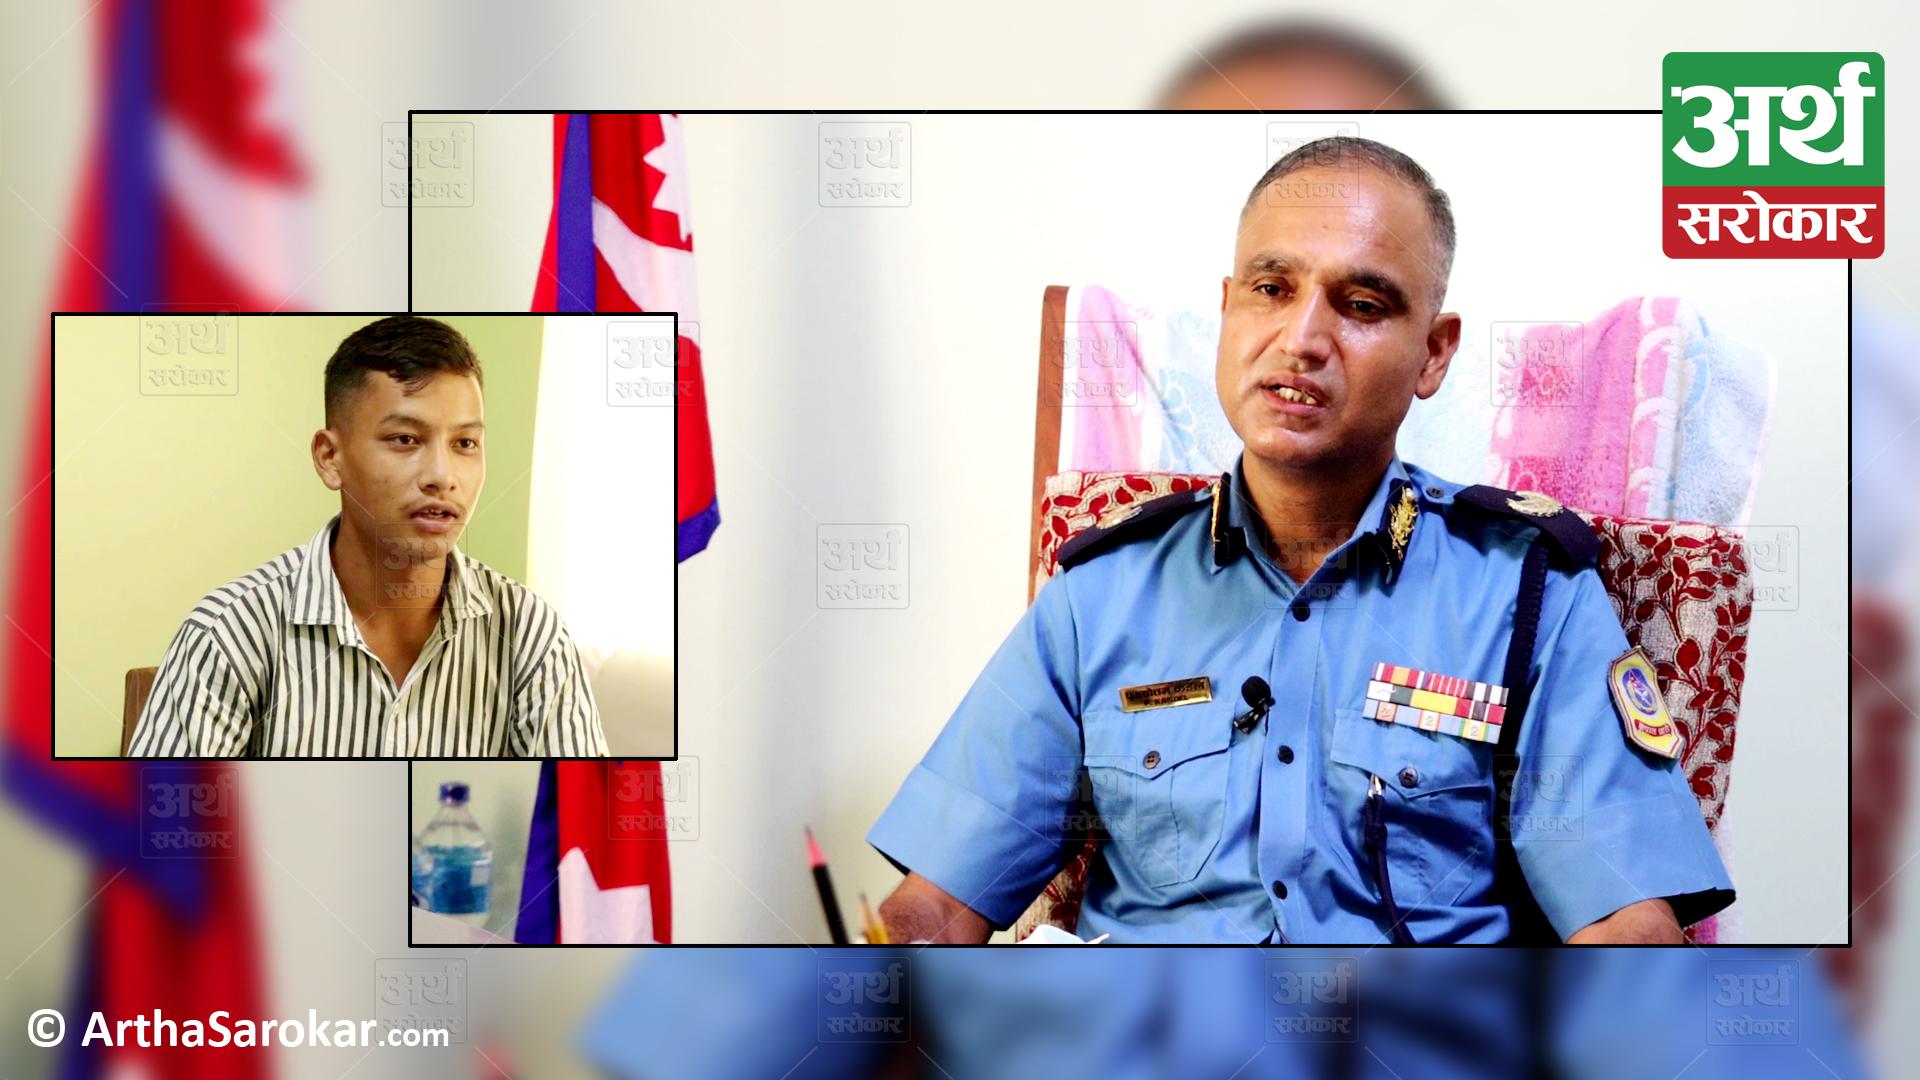 'सुरक्षा व्यवस्थालाई कडा पार्छौ, यसपालीको दशैँ कोरोनामय हुँदैन'- डिआईजी कँडेल